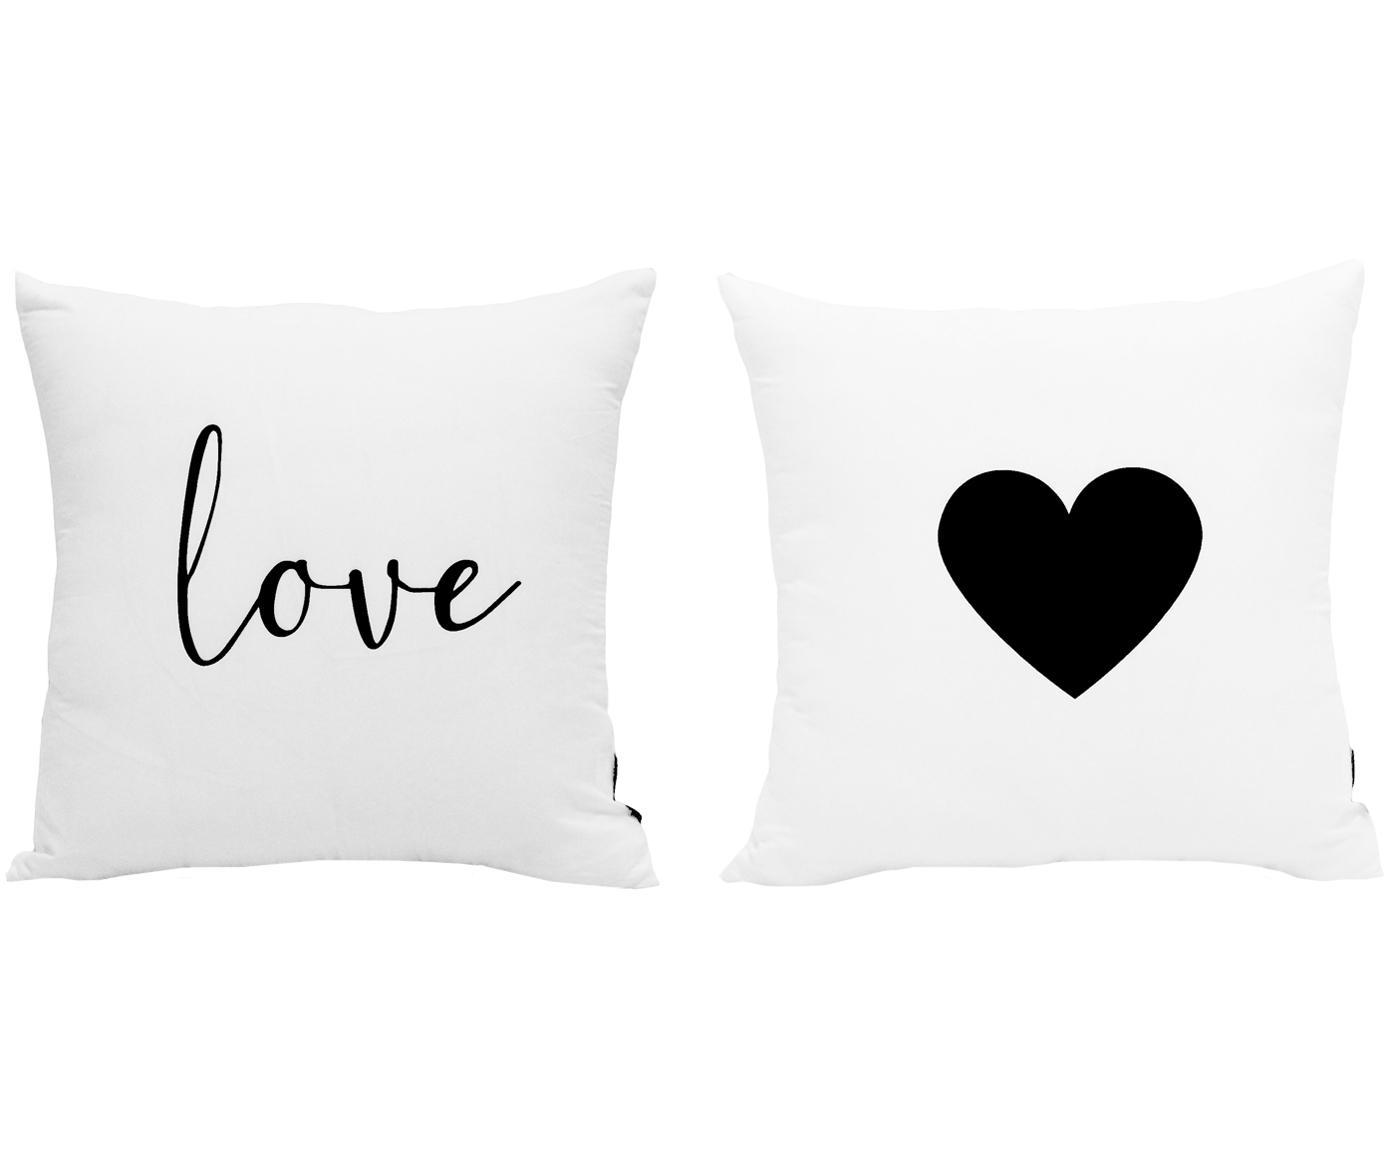 Kissenhüllen 2er Set Love in Schwarz/Weiß, 100% Polyester, Schwarz, Weiß, 40 x 40 cm